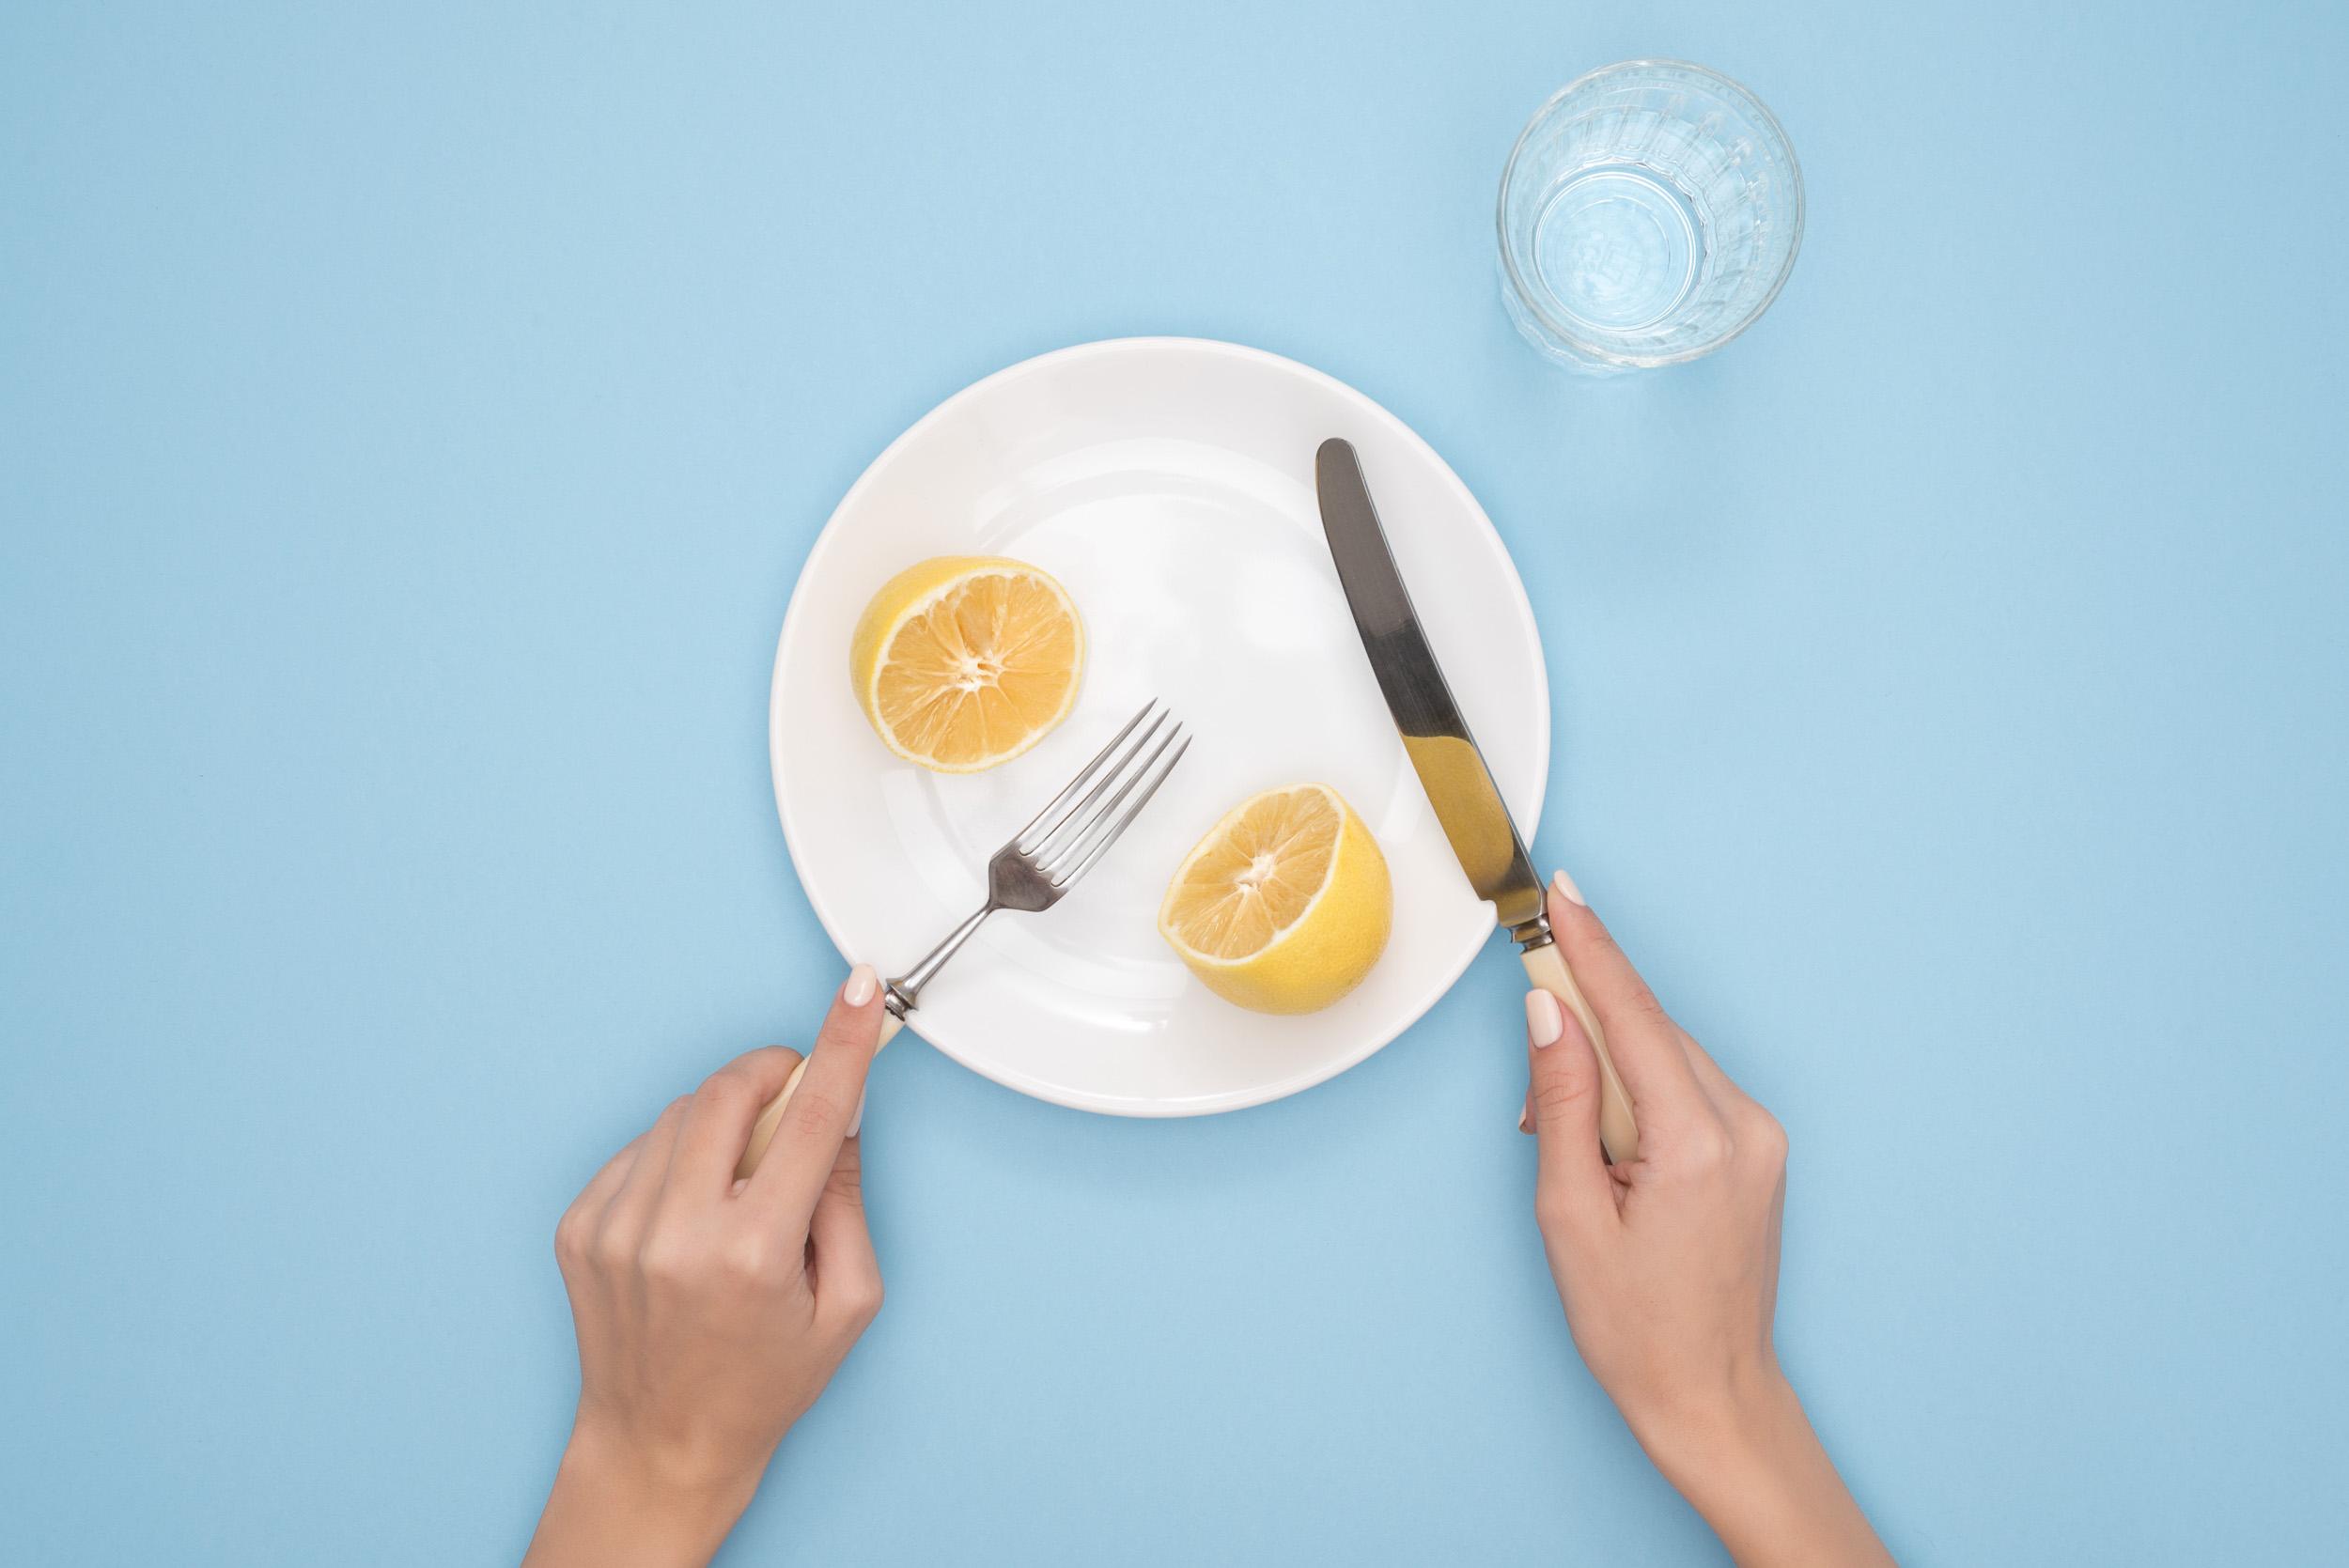 How to avoid jet lag - eat smart